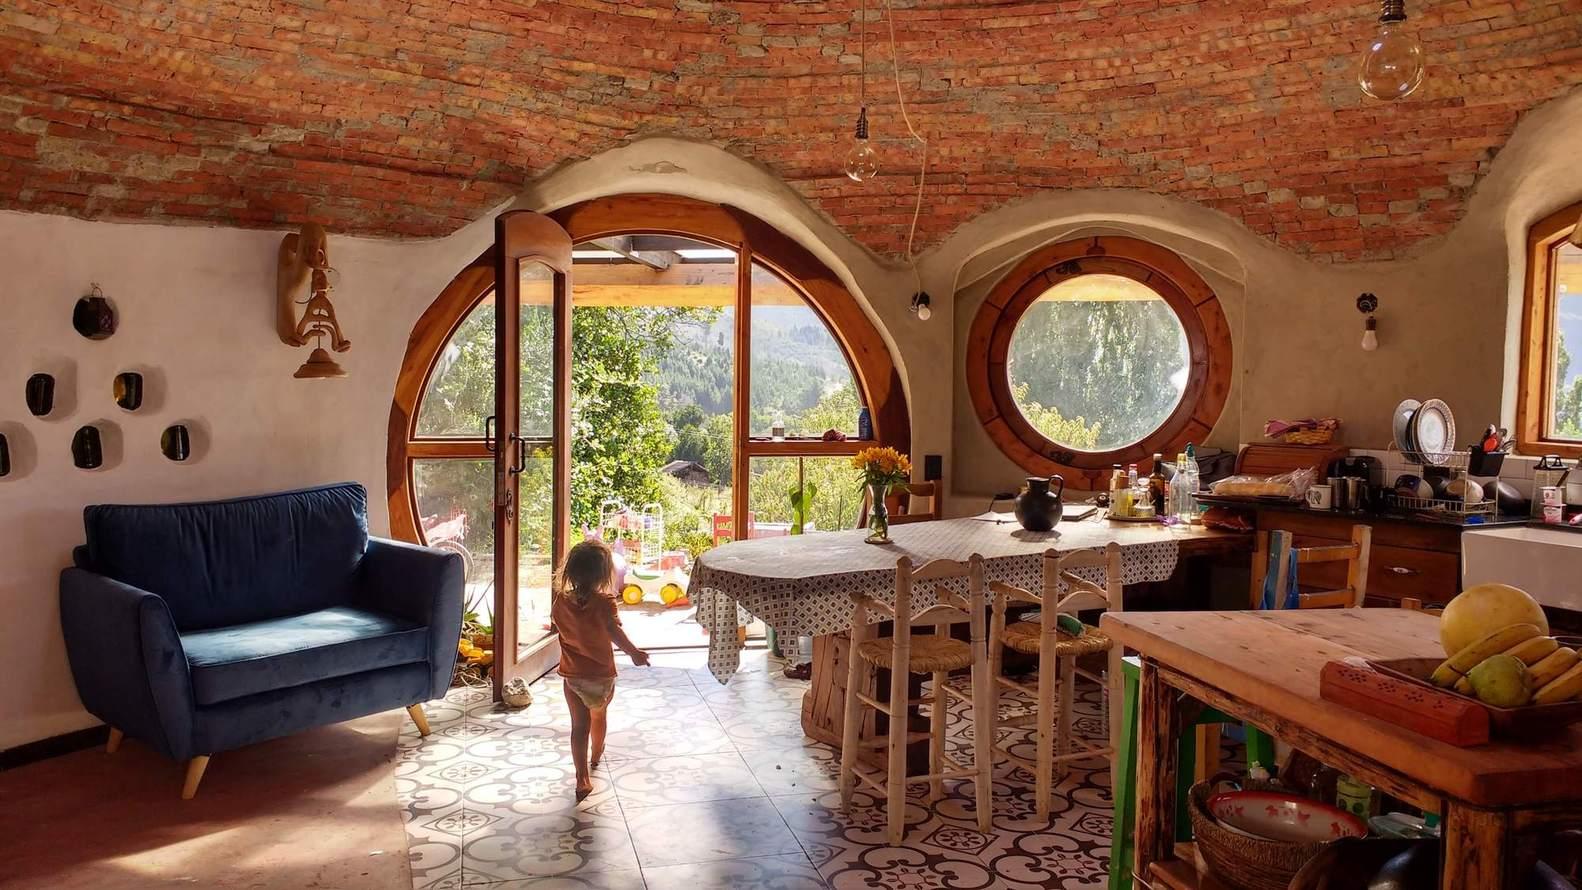 La importancia del espacio doméstico en tiempos de COVID-19,© Marco Aresta